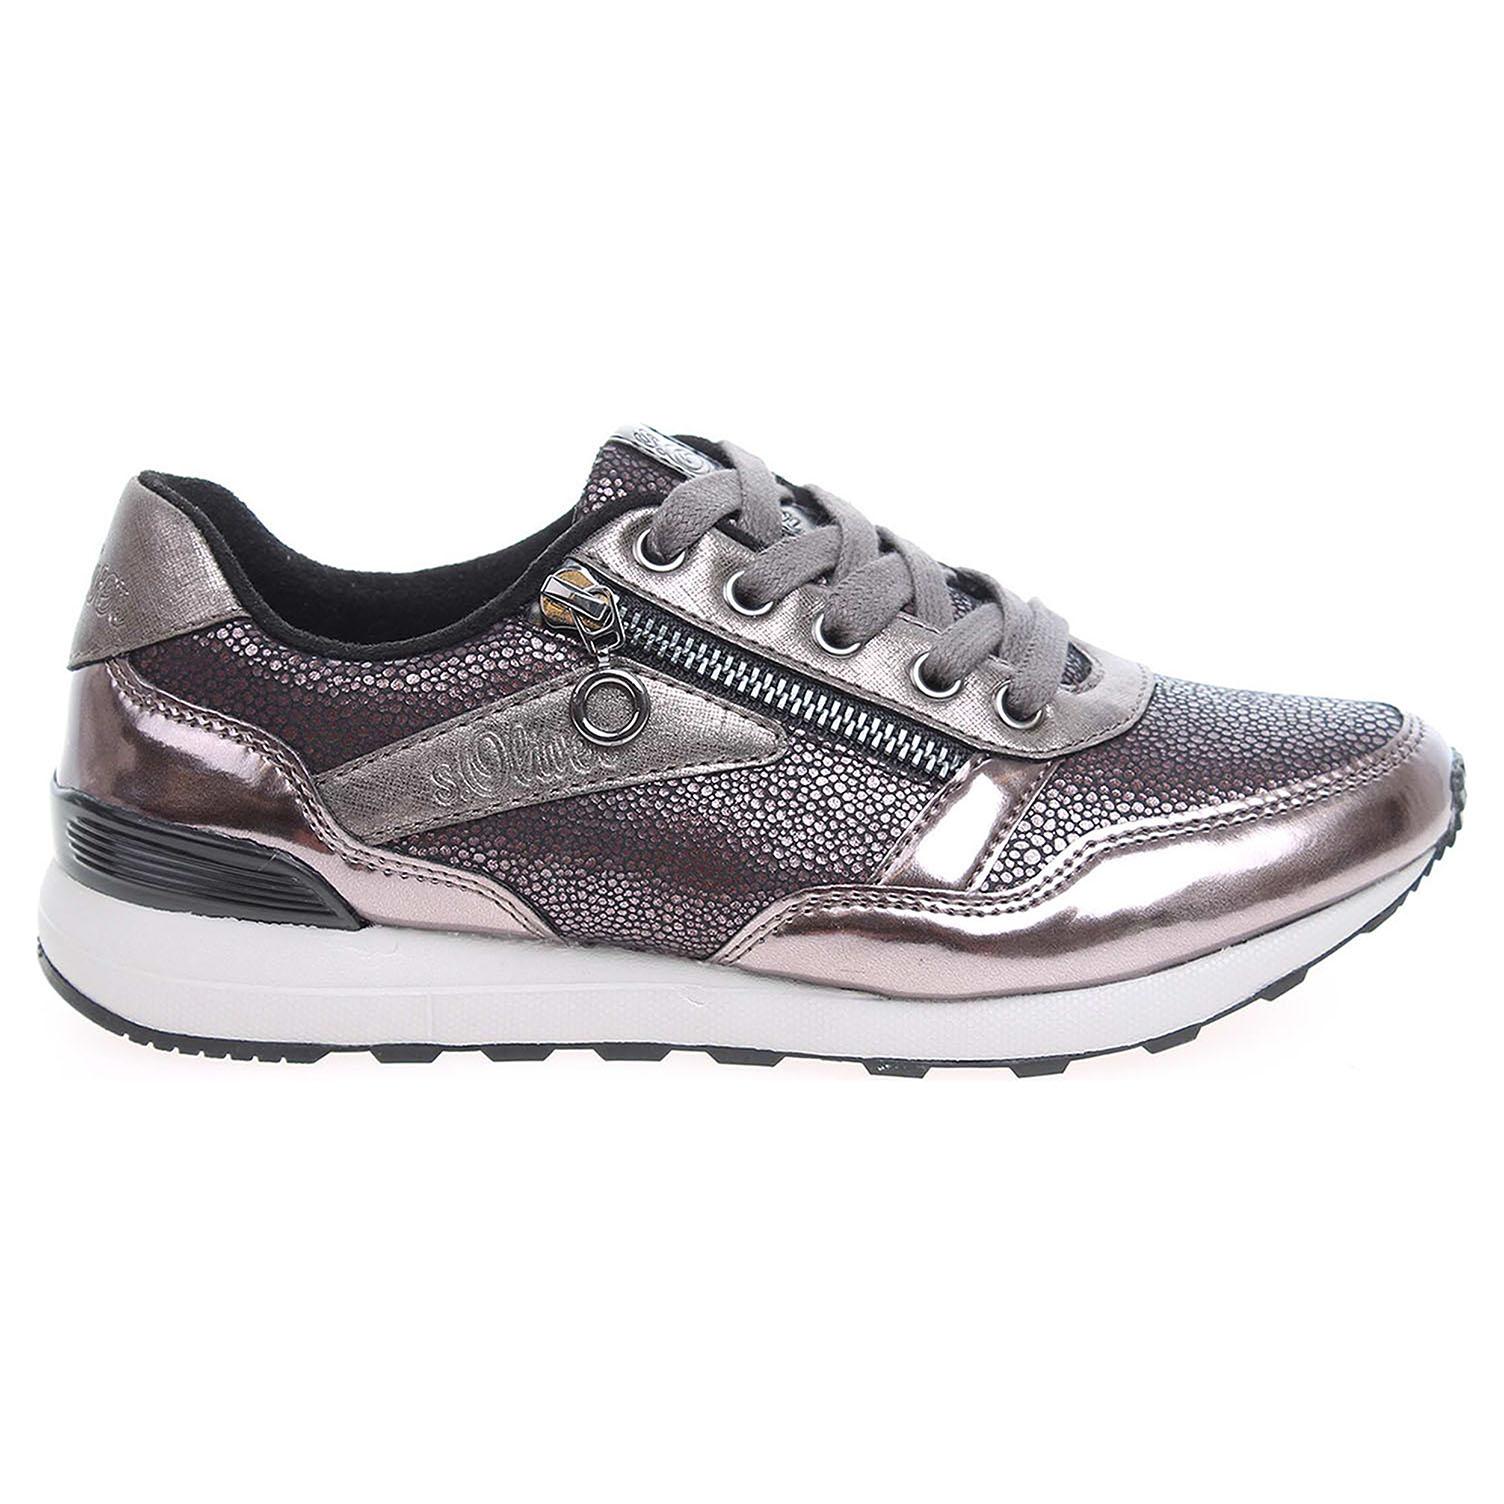 s.Oliver dámská obuv 5-23635-37 hnědá-šedá 40 hnědá hnědá